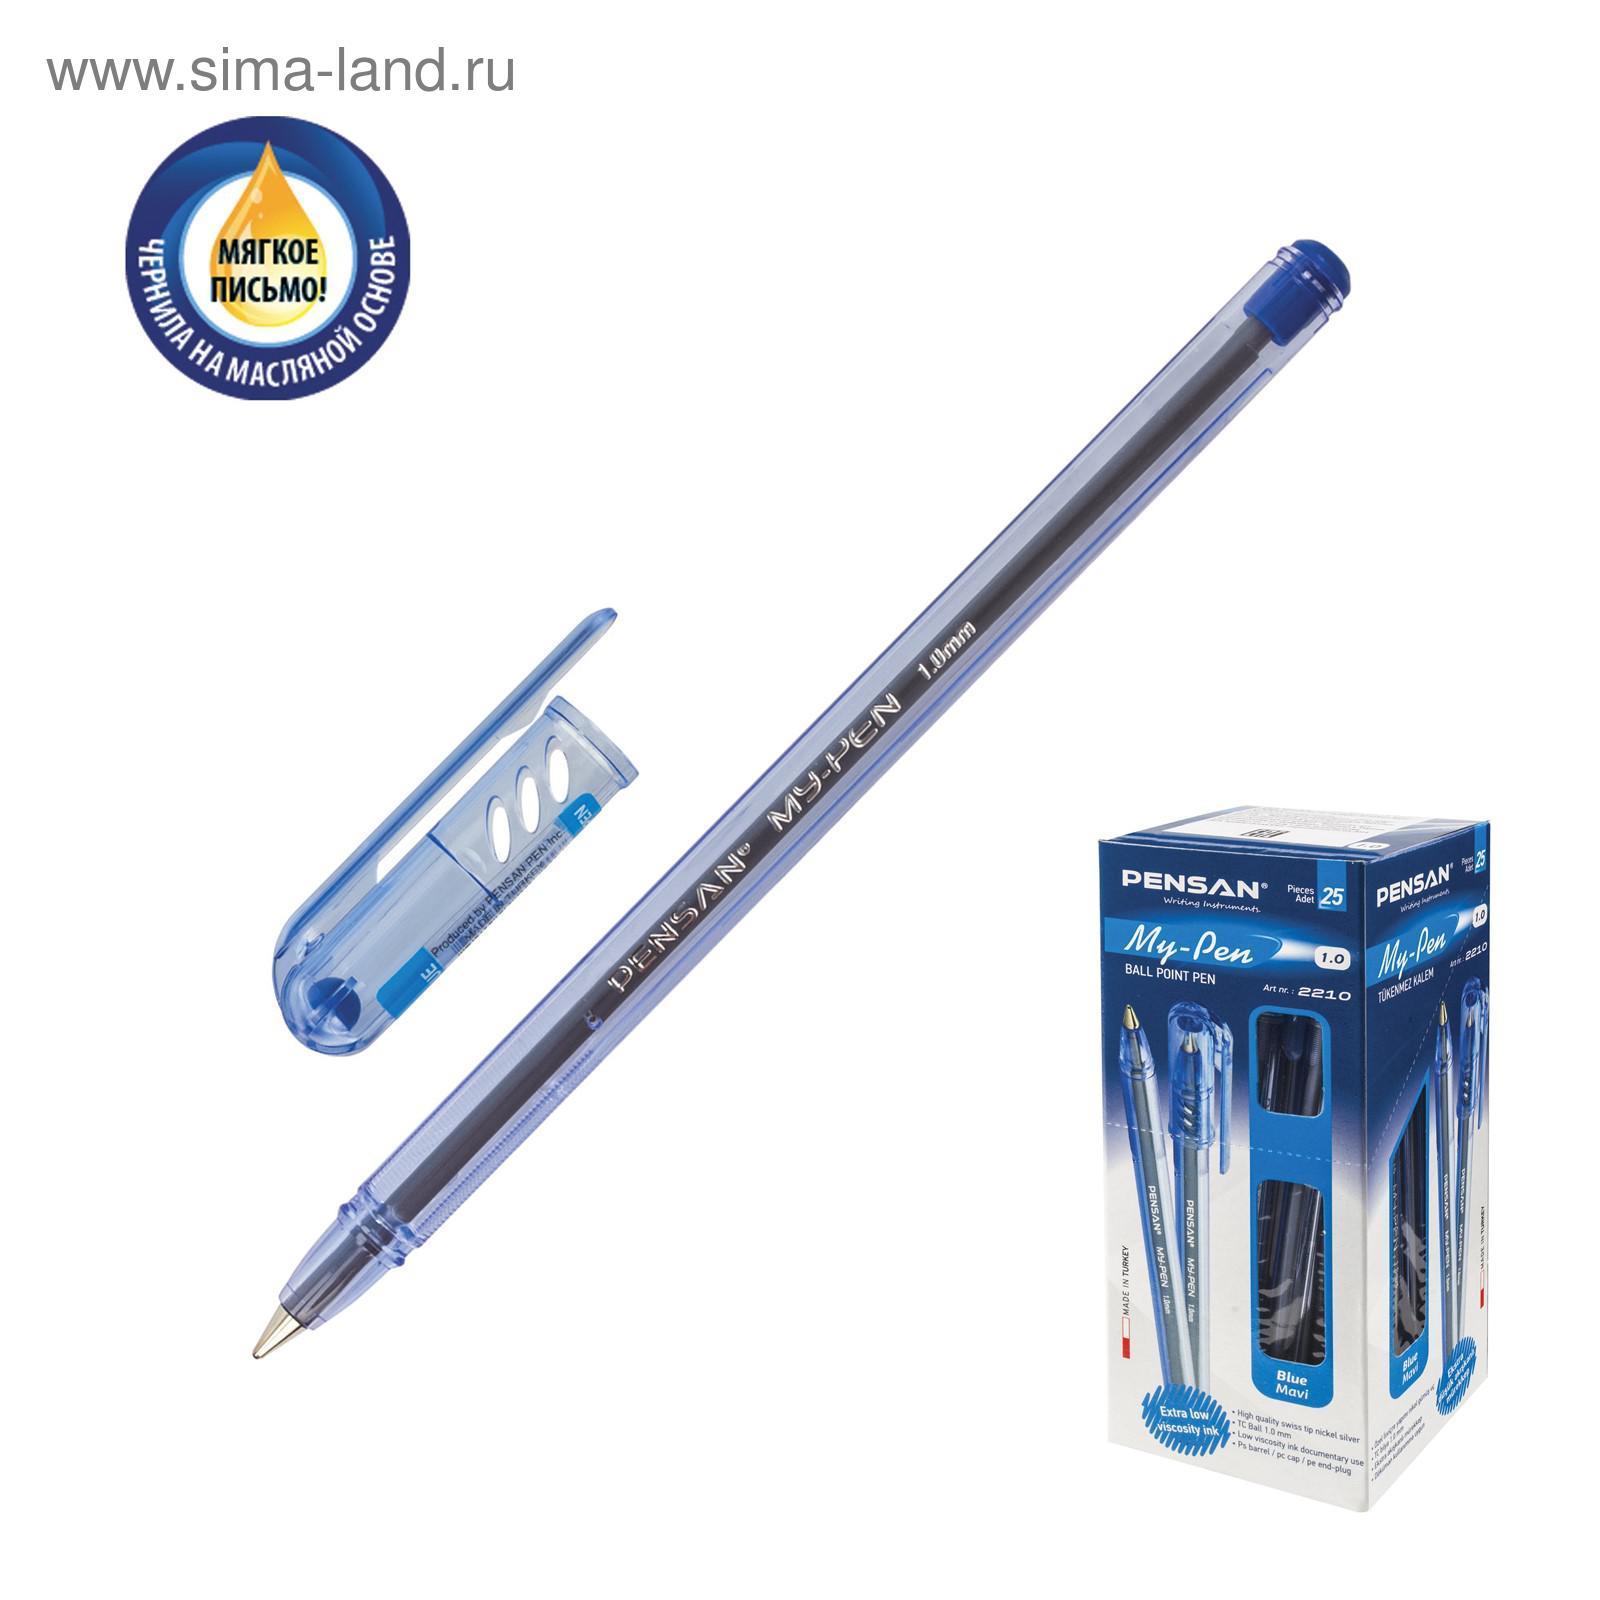 Ручка шариковая Pensan My-Pen Vision 2210, узел 1.0 мм, синие чернила 0c91ba6d5e2